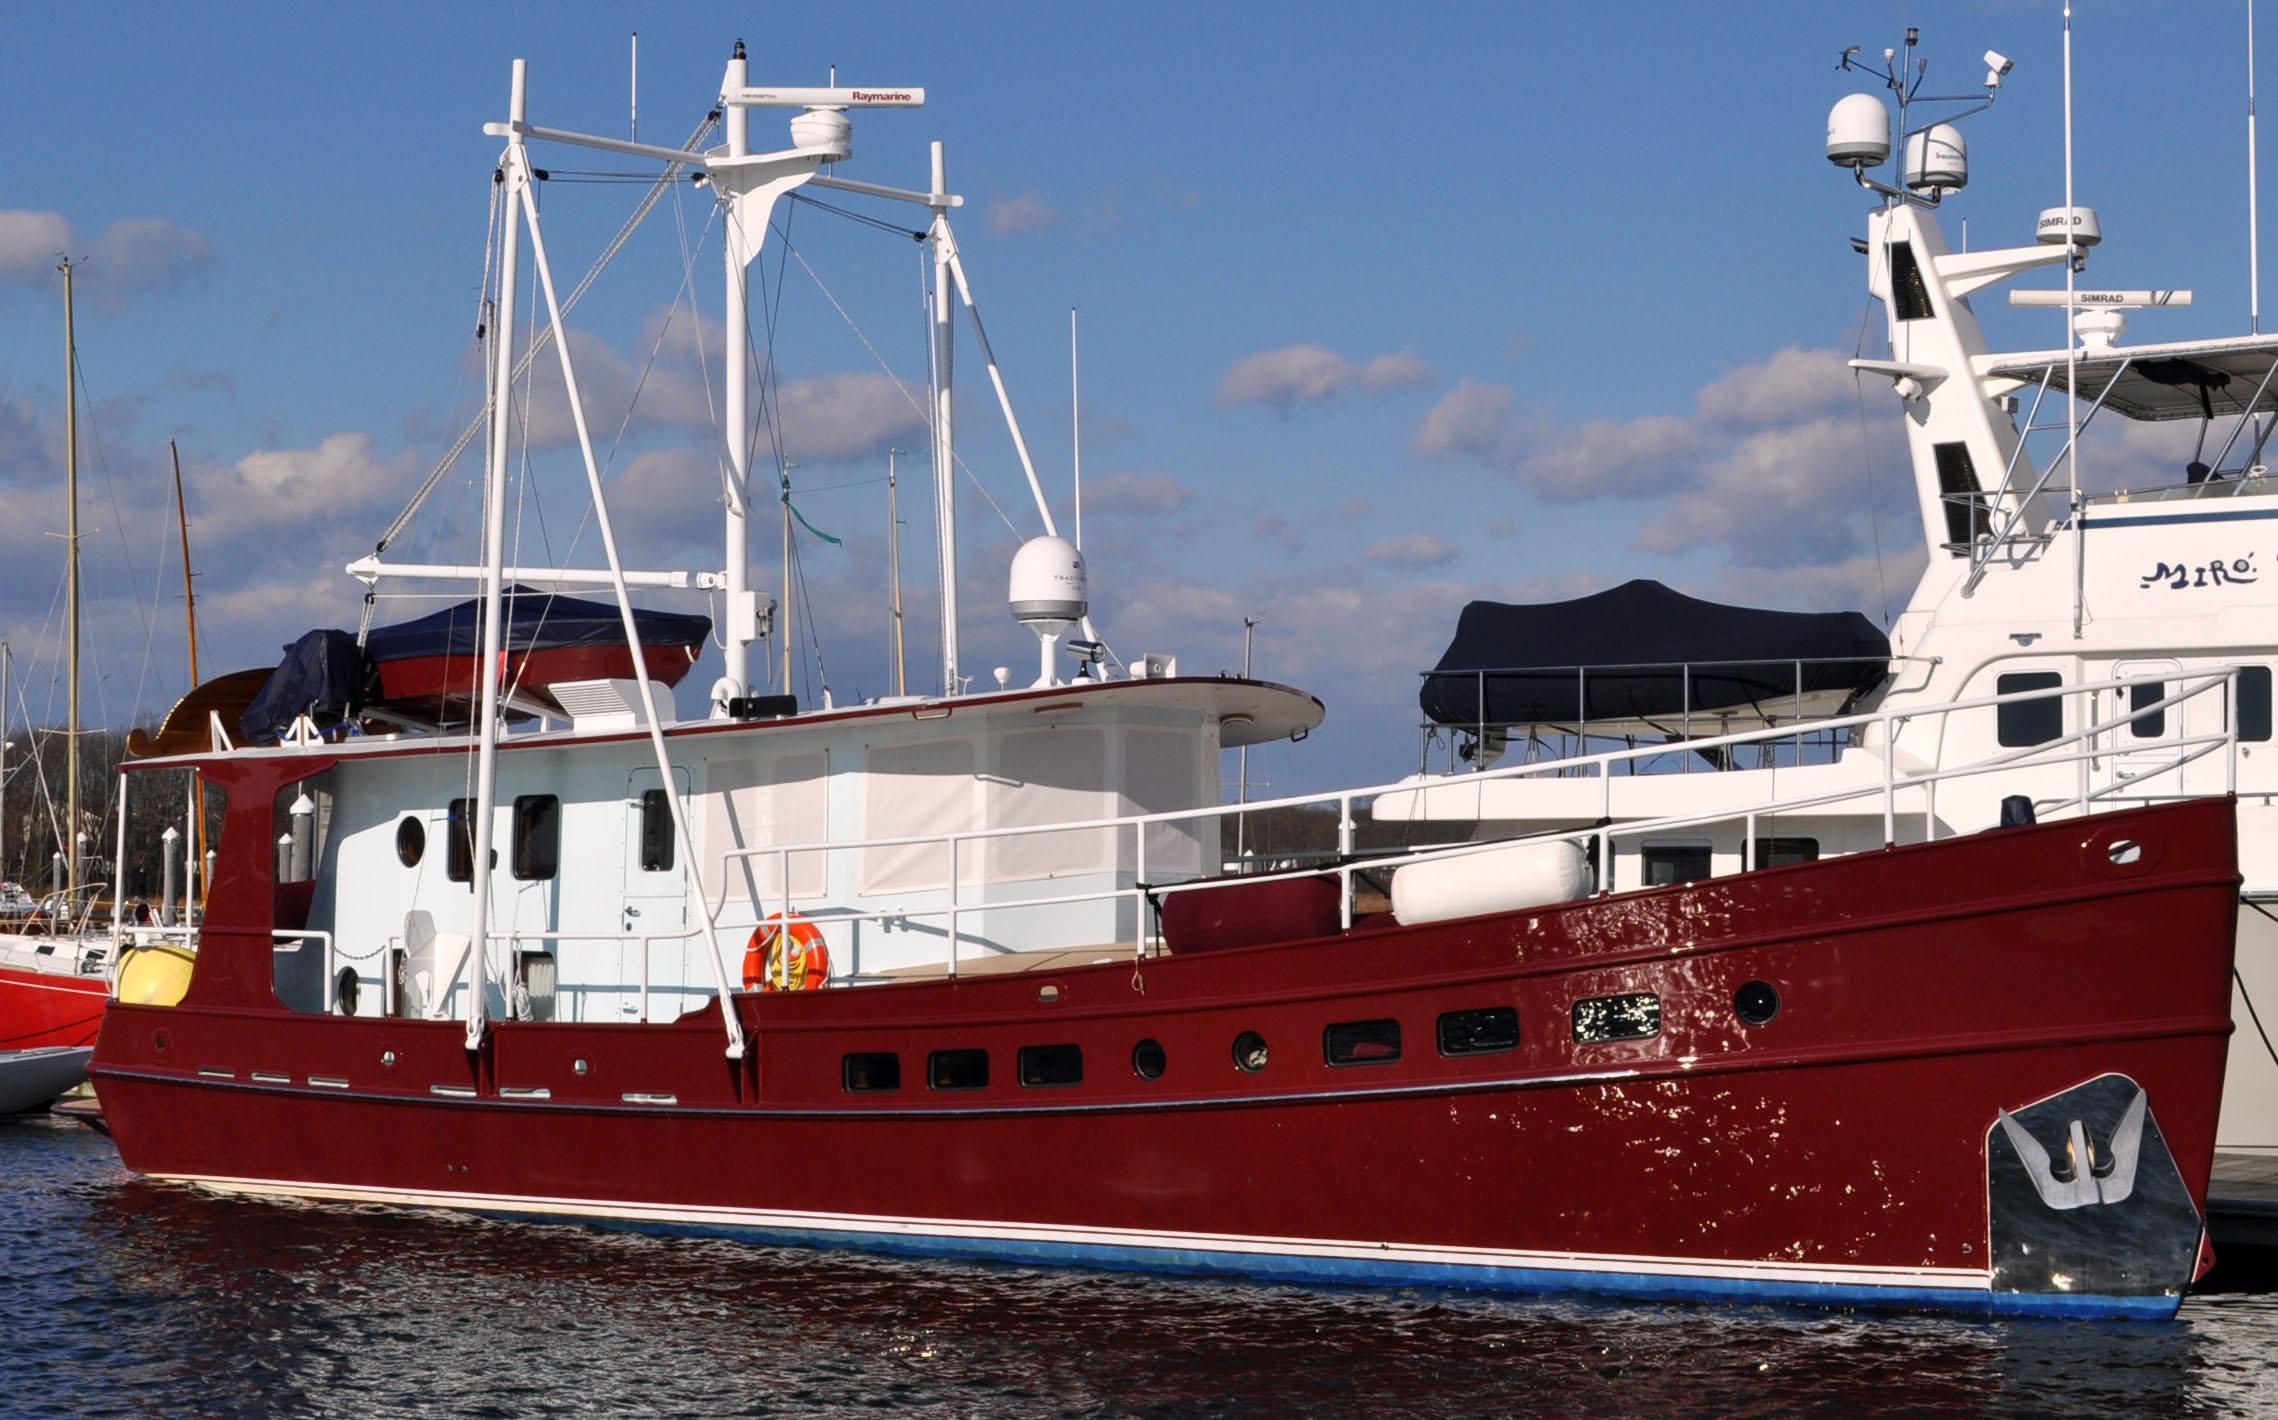 Motor Yacht Designs - Kasten Marine Design